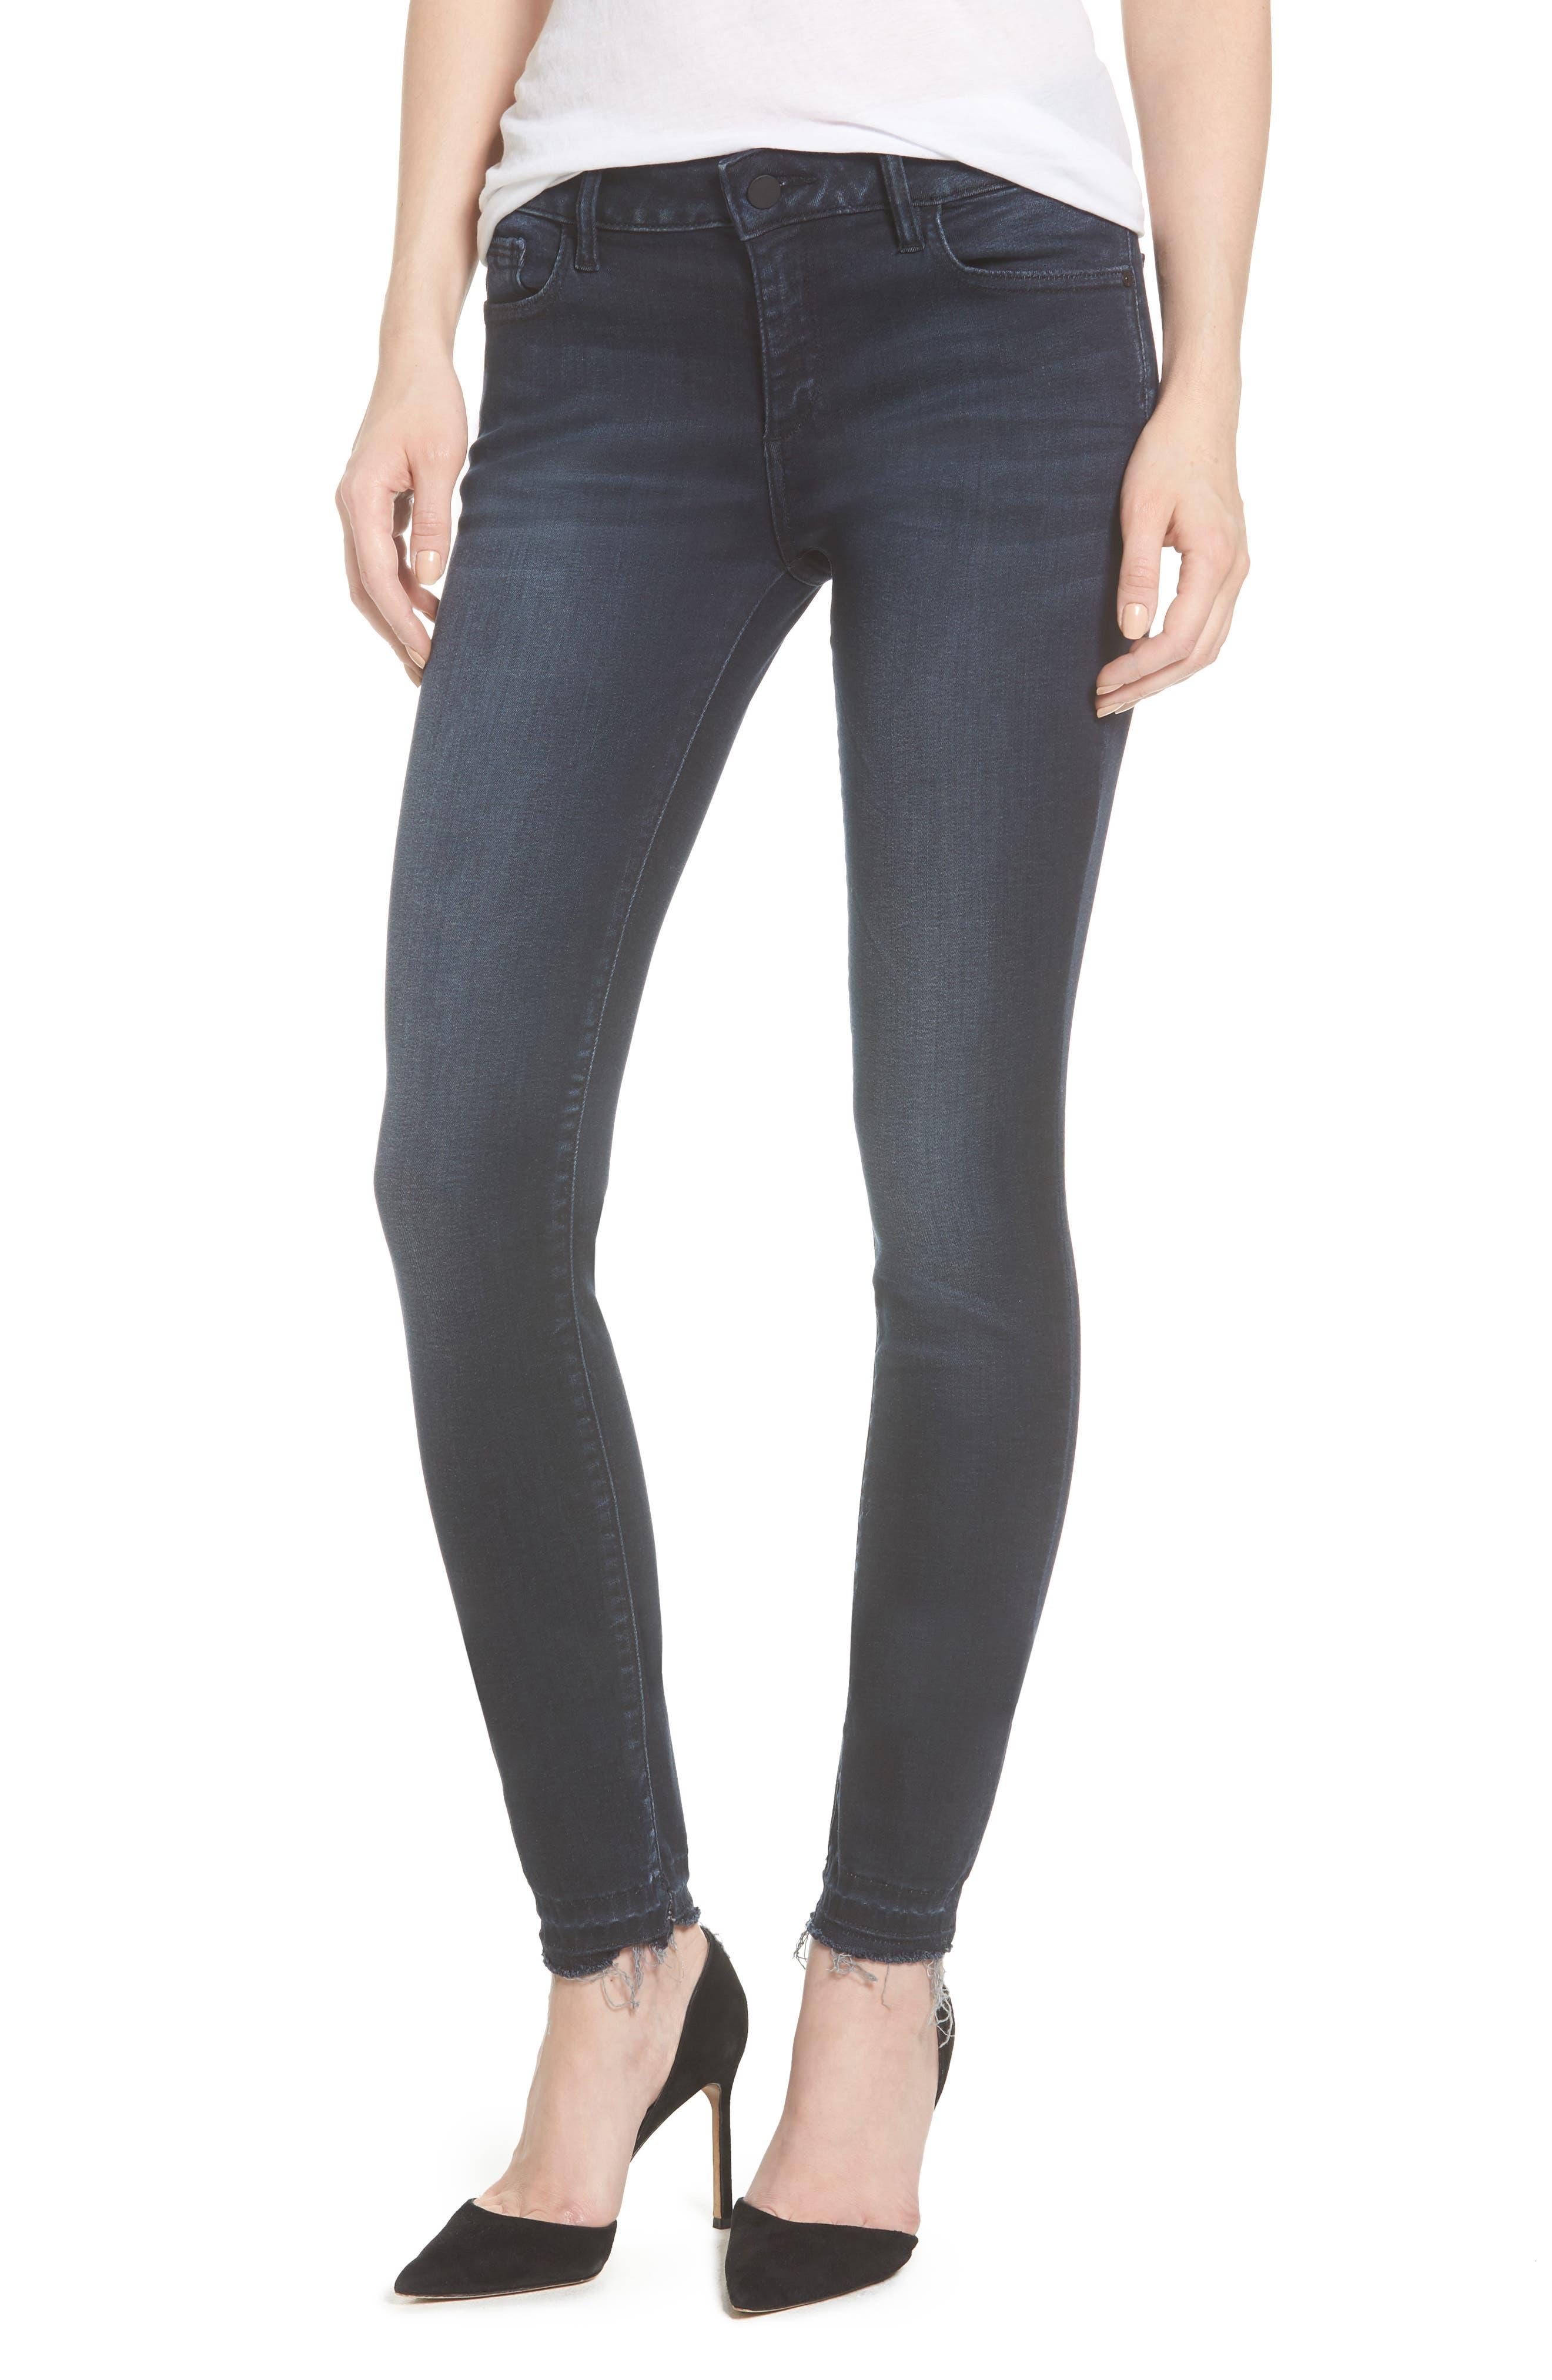 Main Image - DL1961 Florence Instasculpt Skinny Jeans (Sloan)